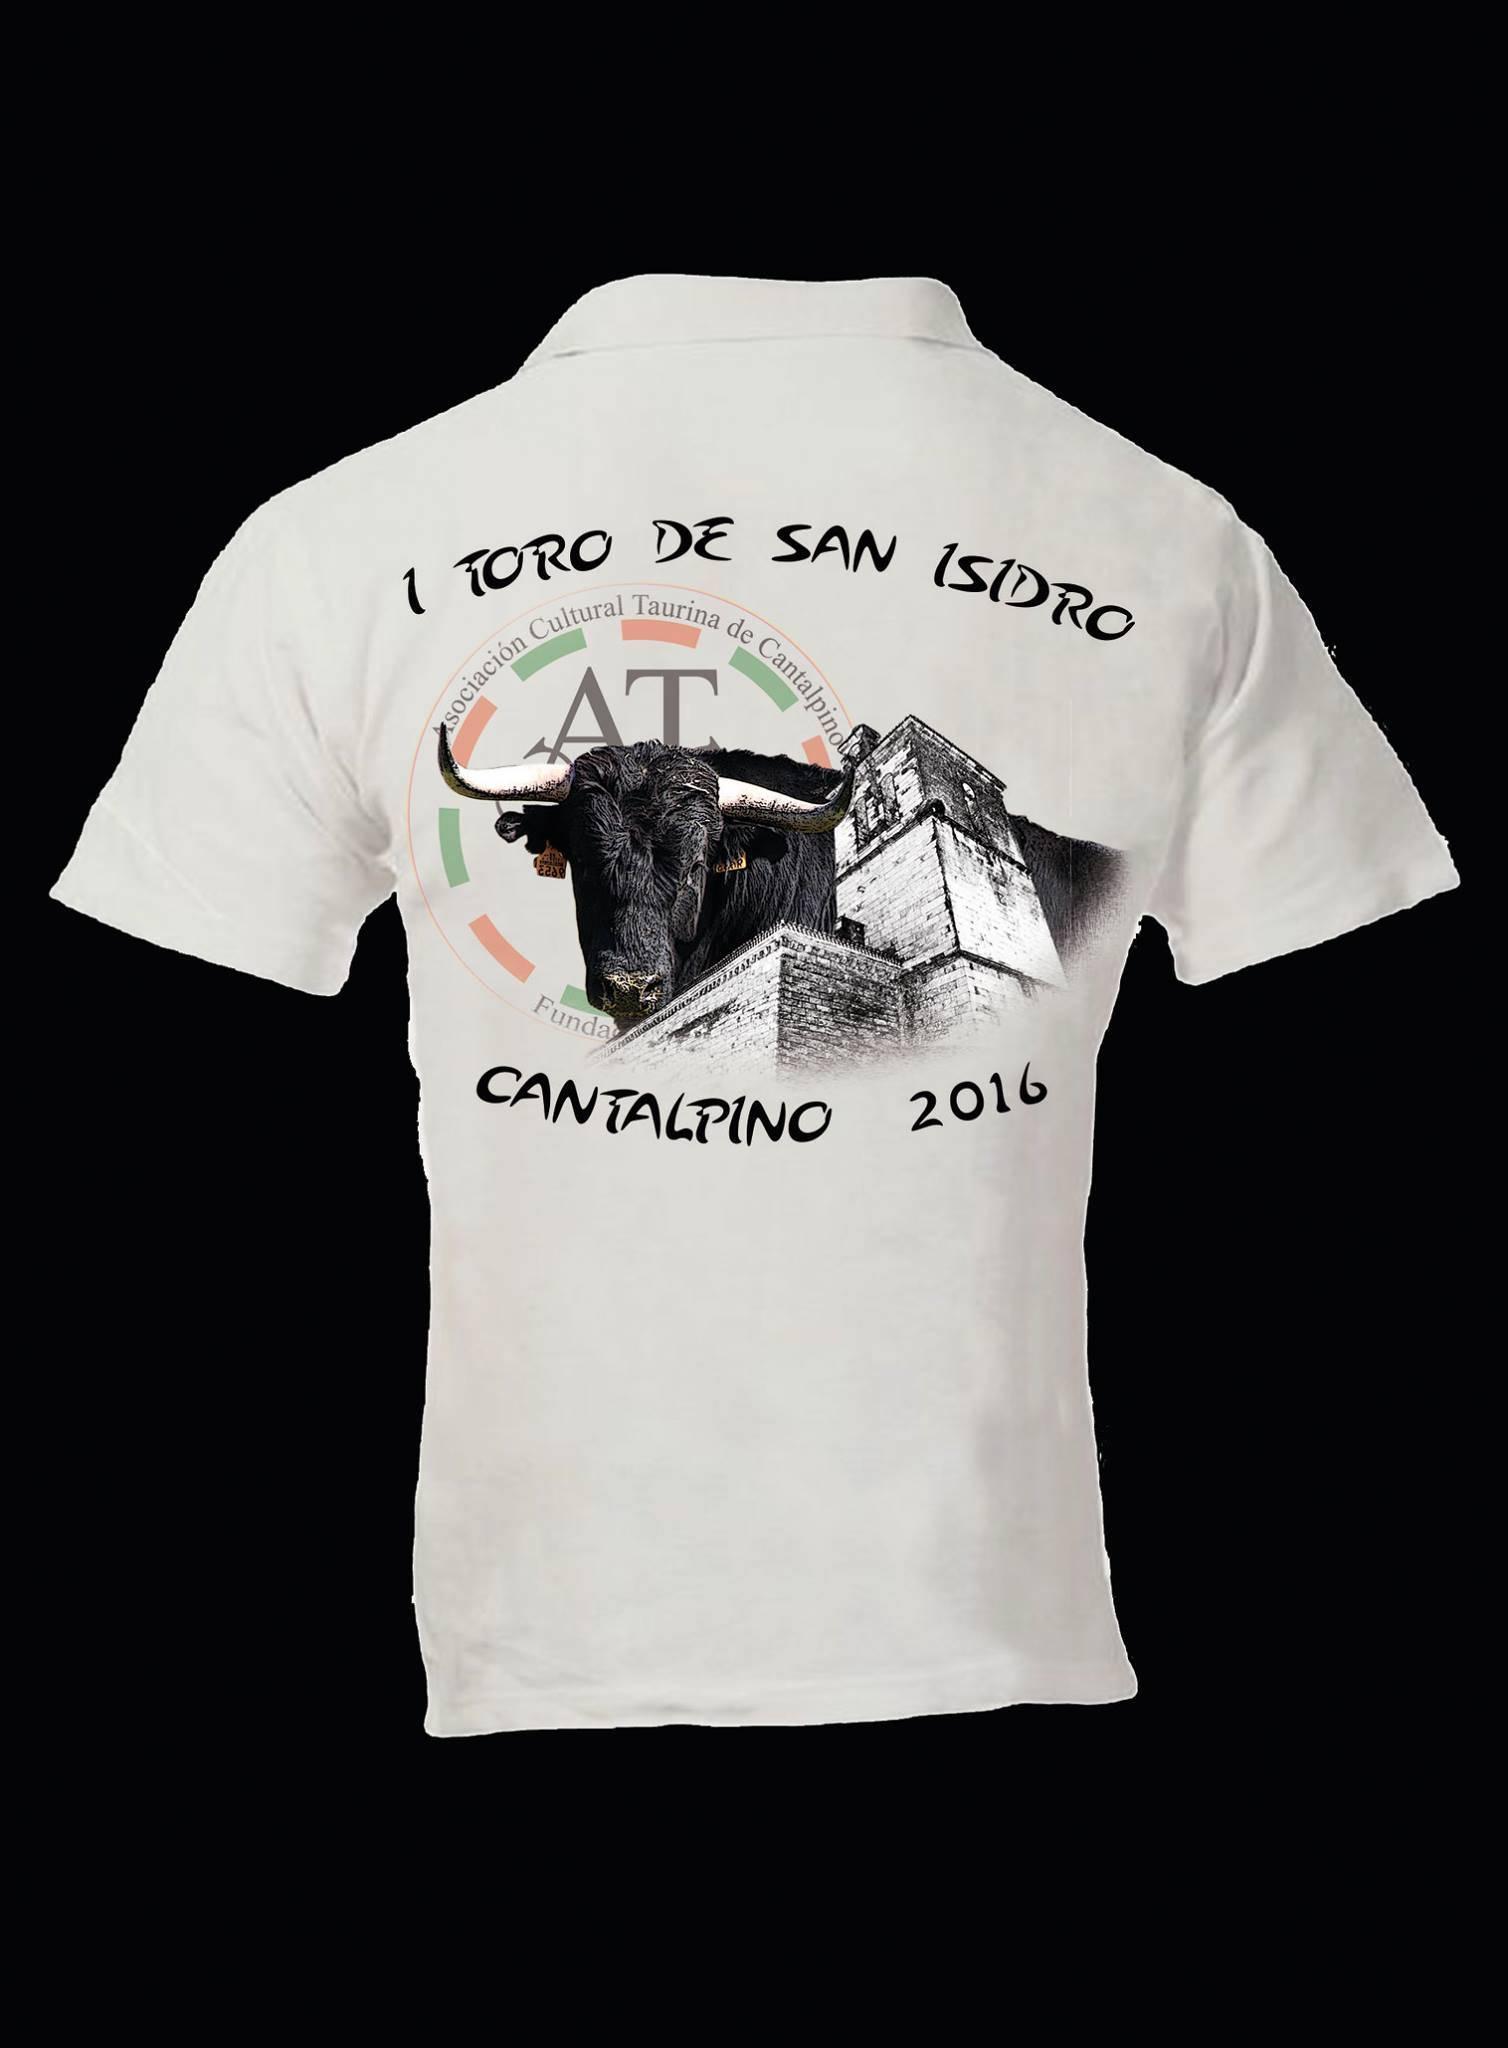 La Asociación Cultural Taurina de Cantalpino abre una votacion en las redes sociales para elegir la nueva camiseta